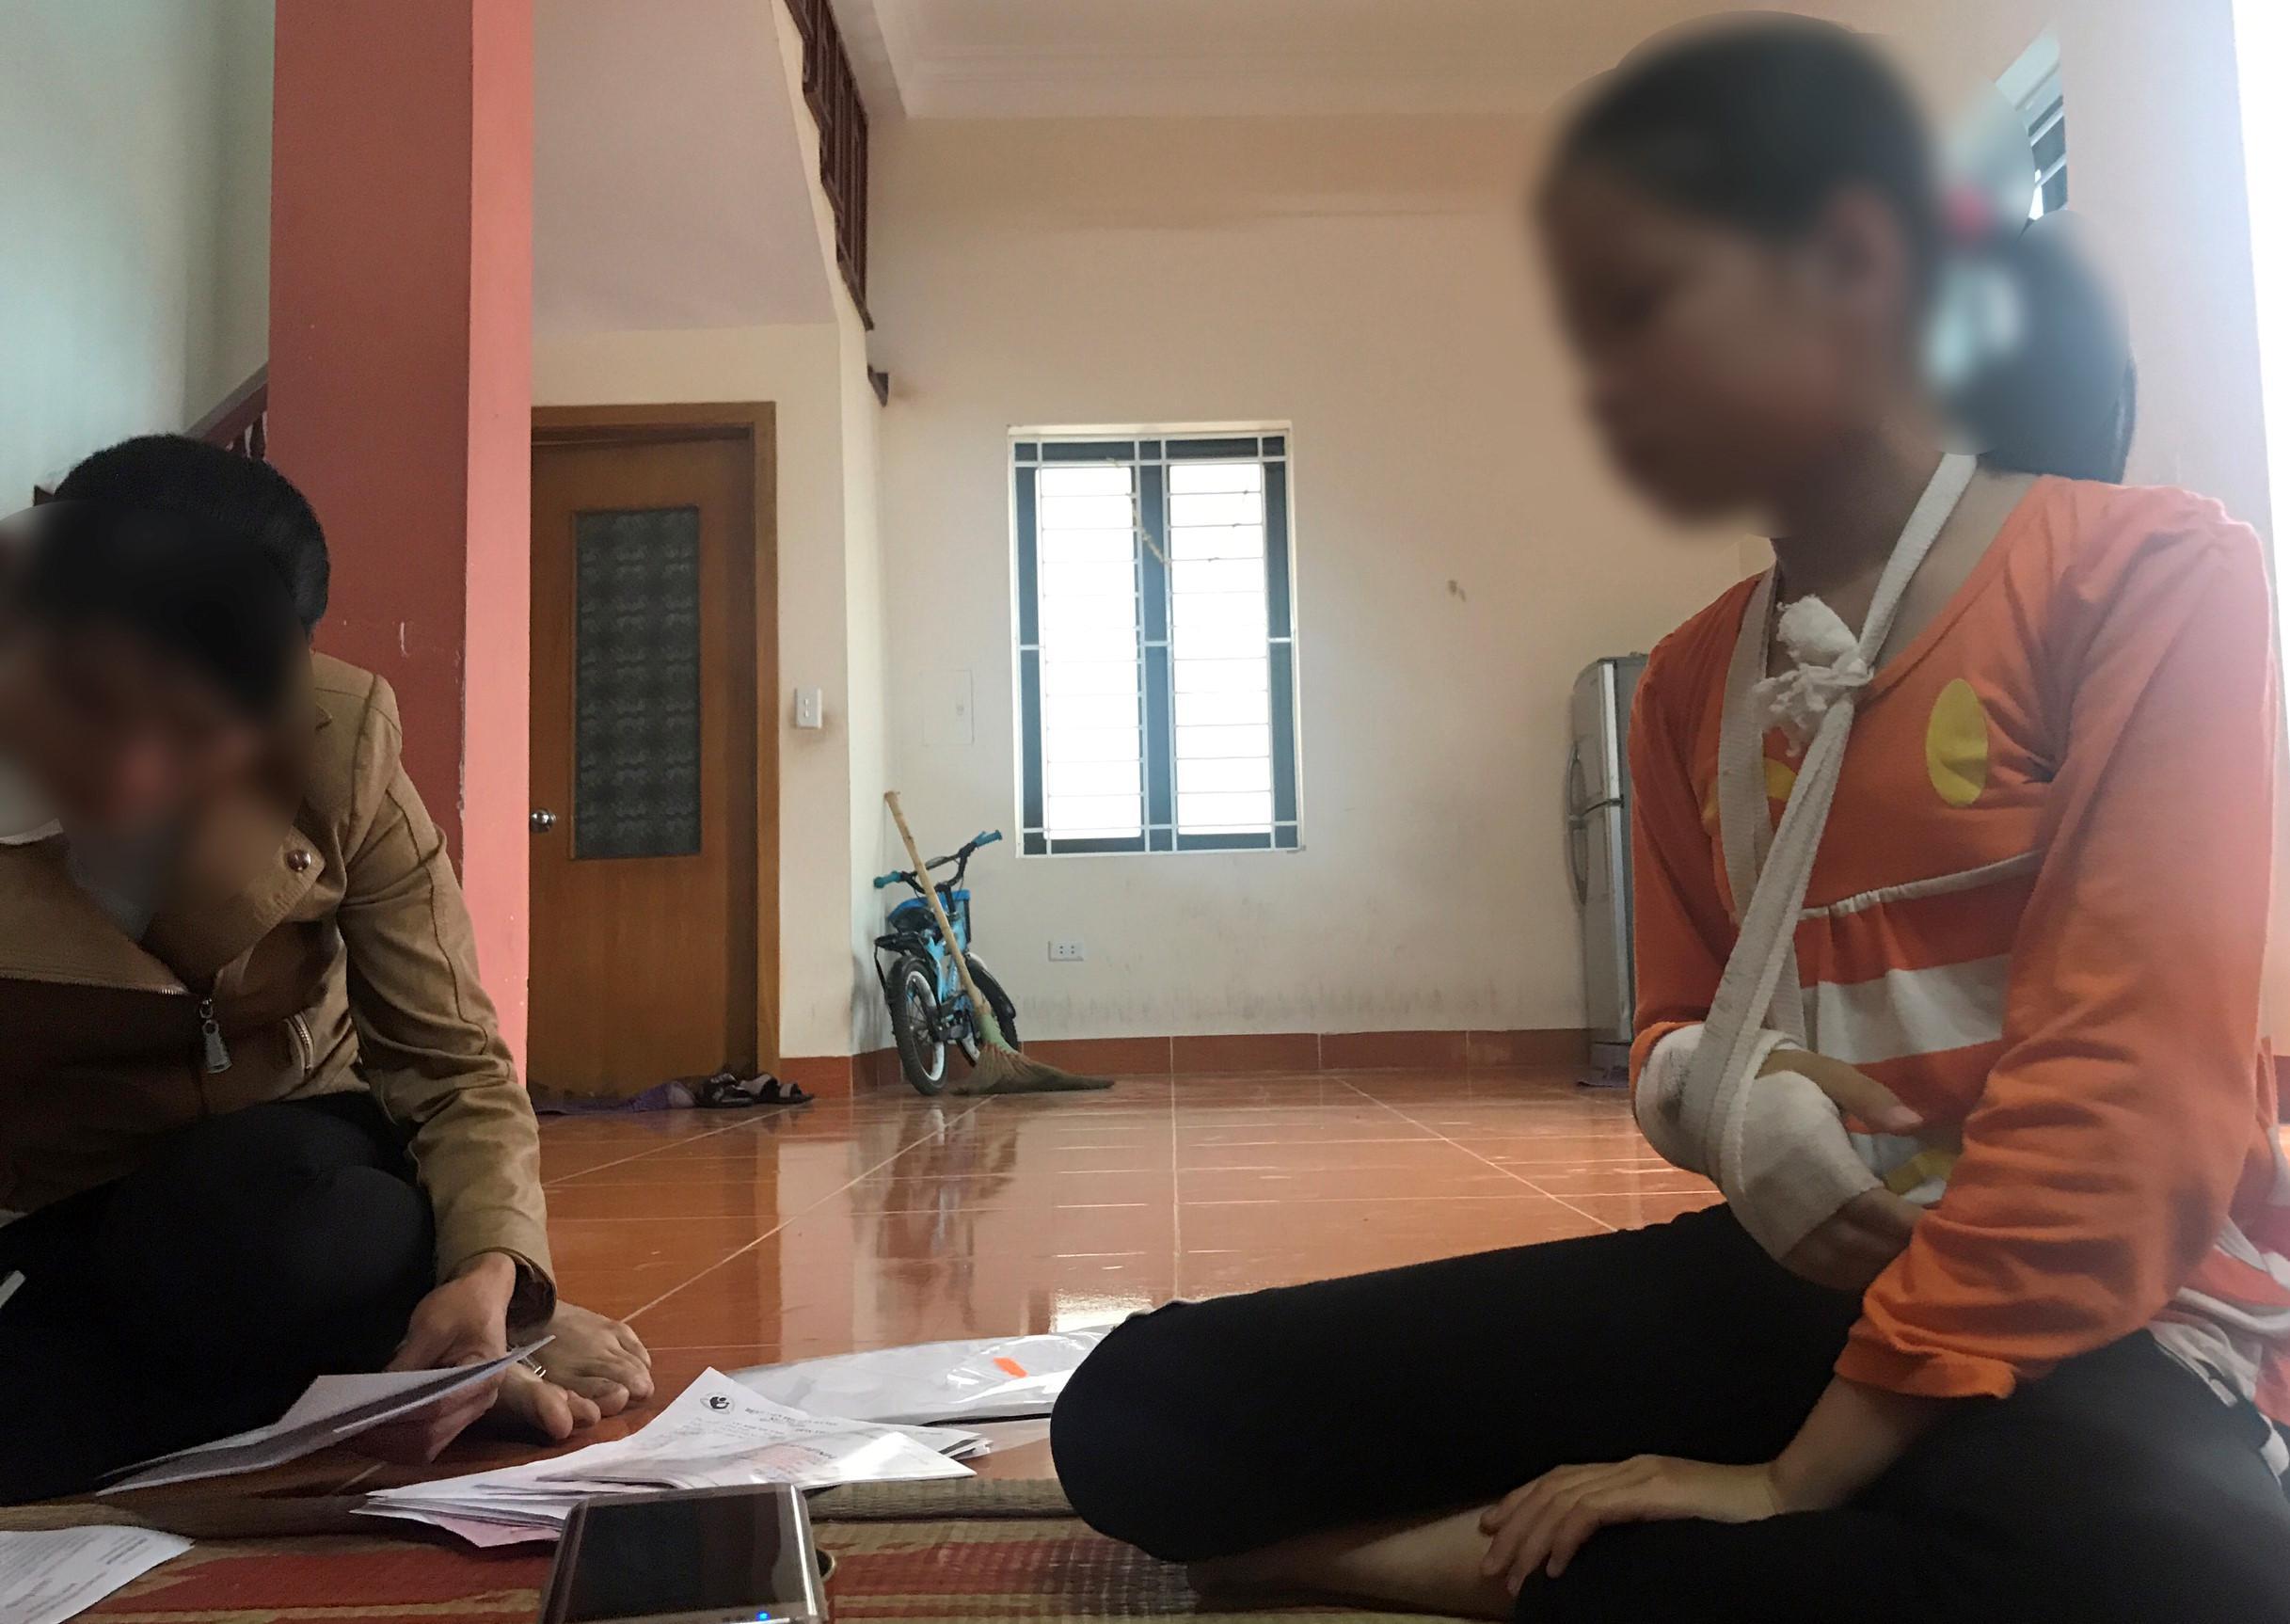 Vụ xâm hại bé gái 9 tuổi: 'Yêu râu xanh' bị tạm giam 2 tháng Ảnh 3